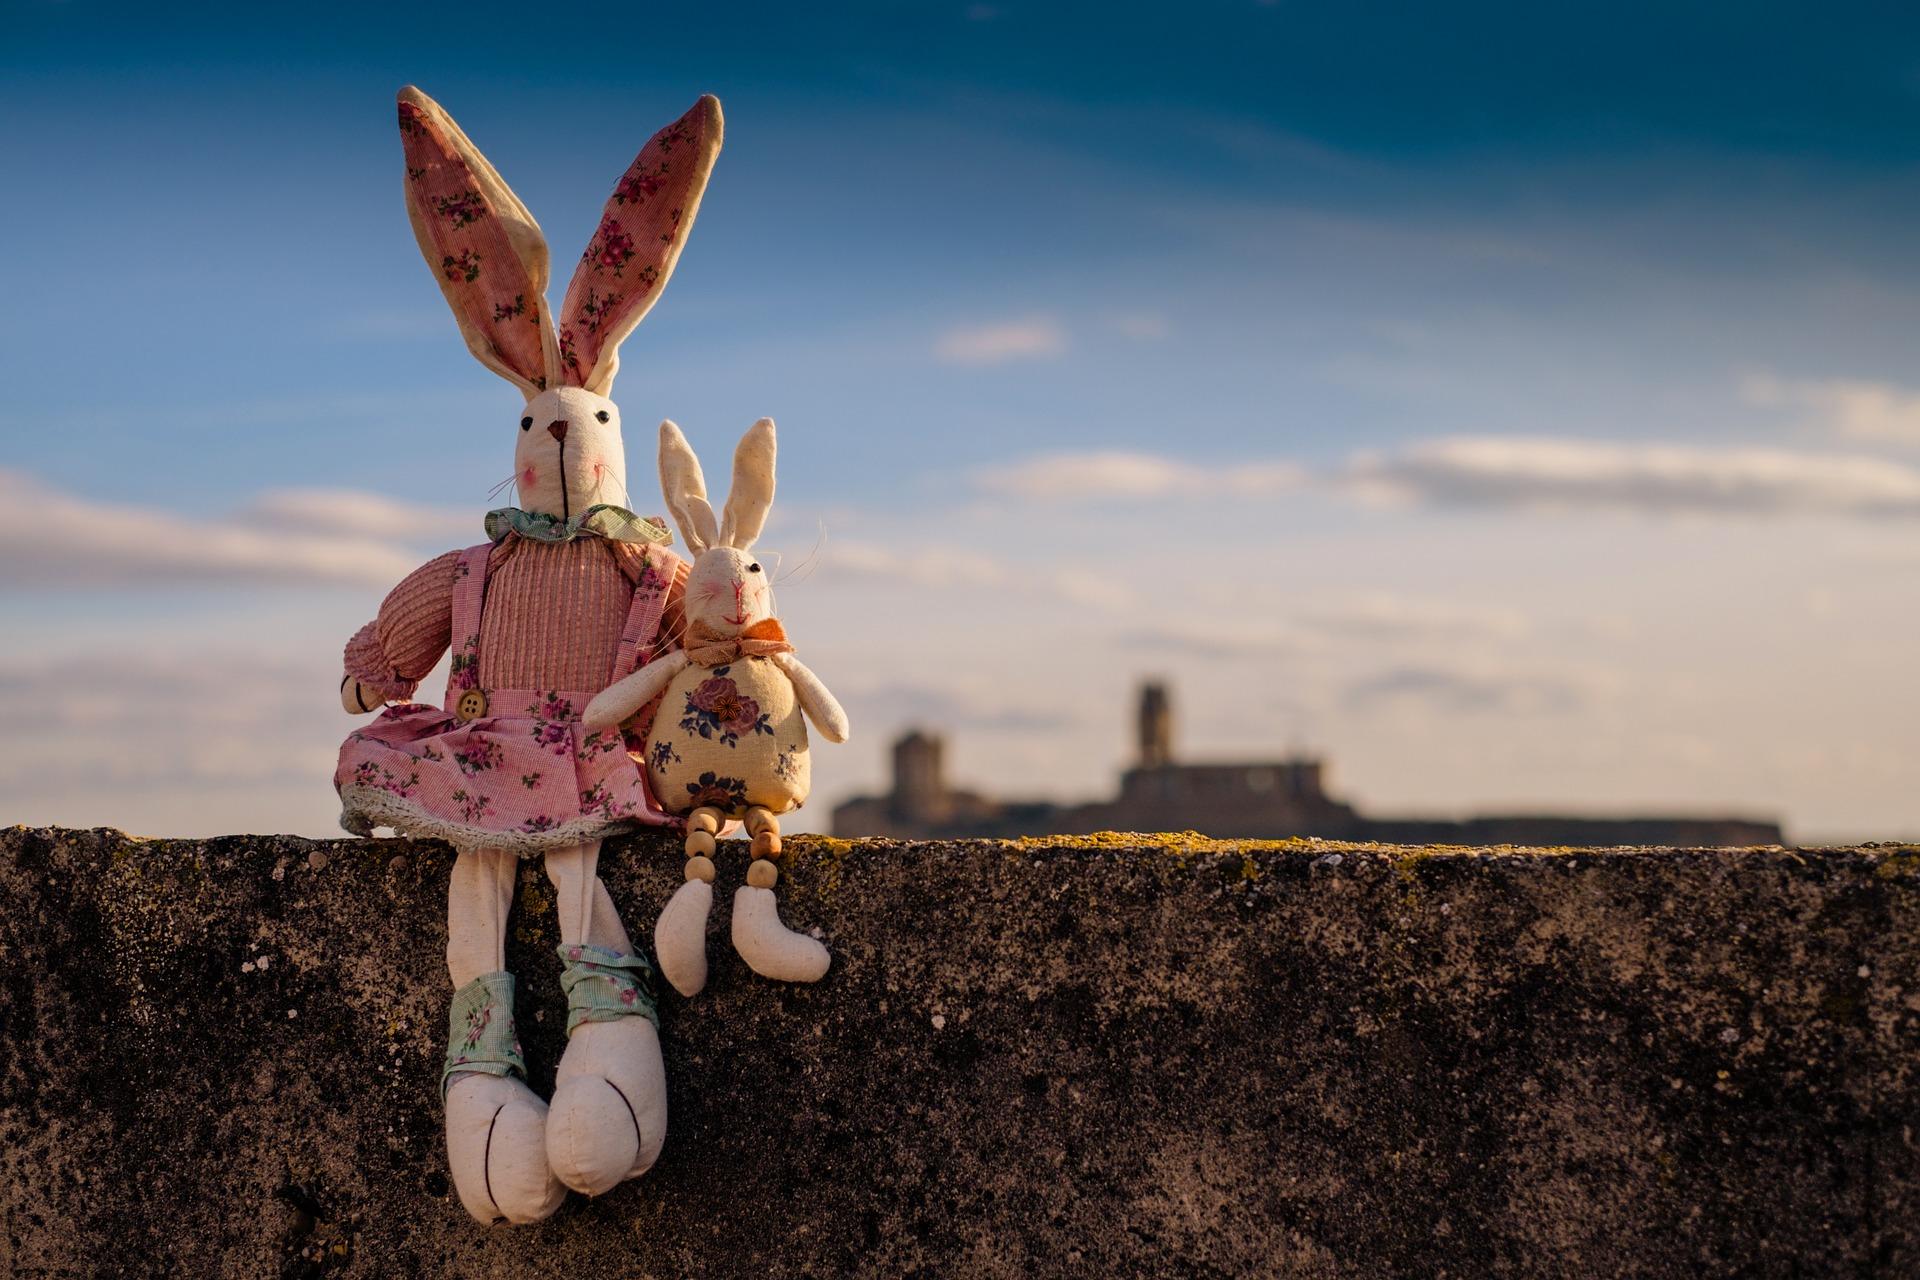 rabbit-1158594_1920